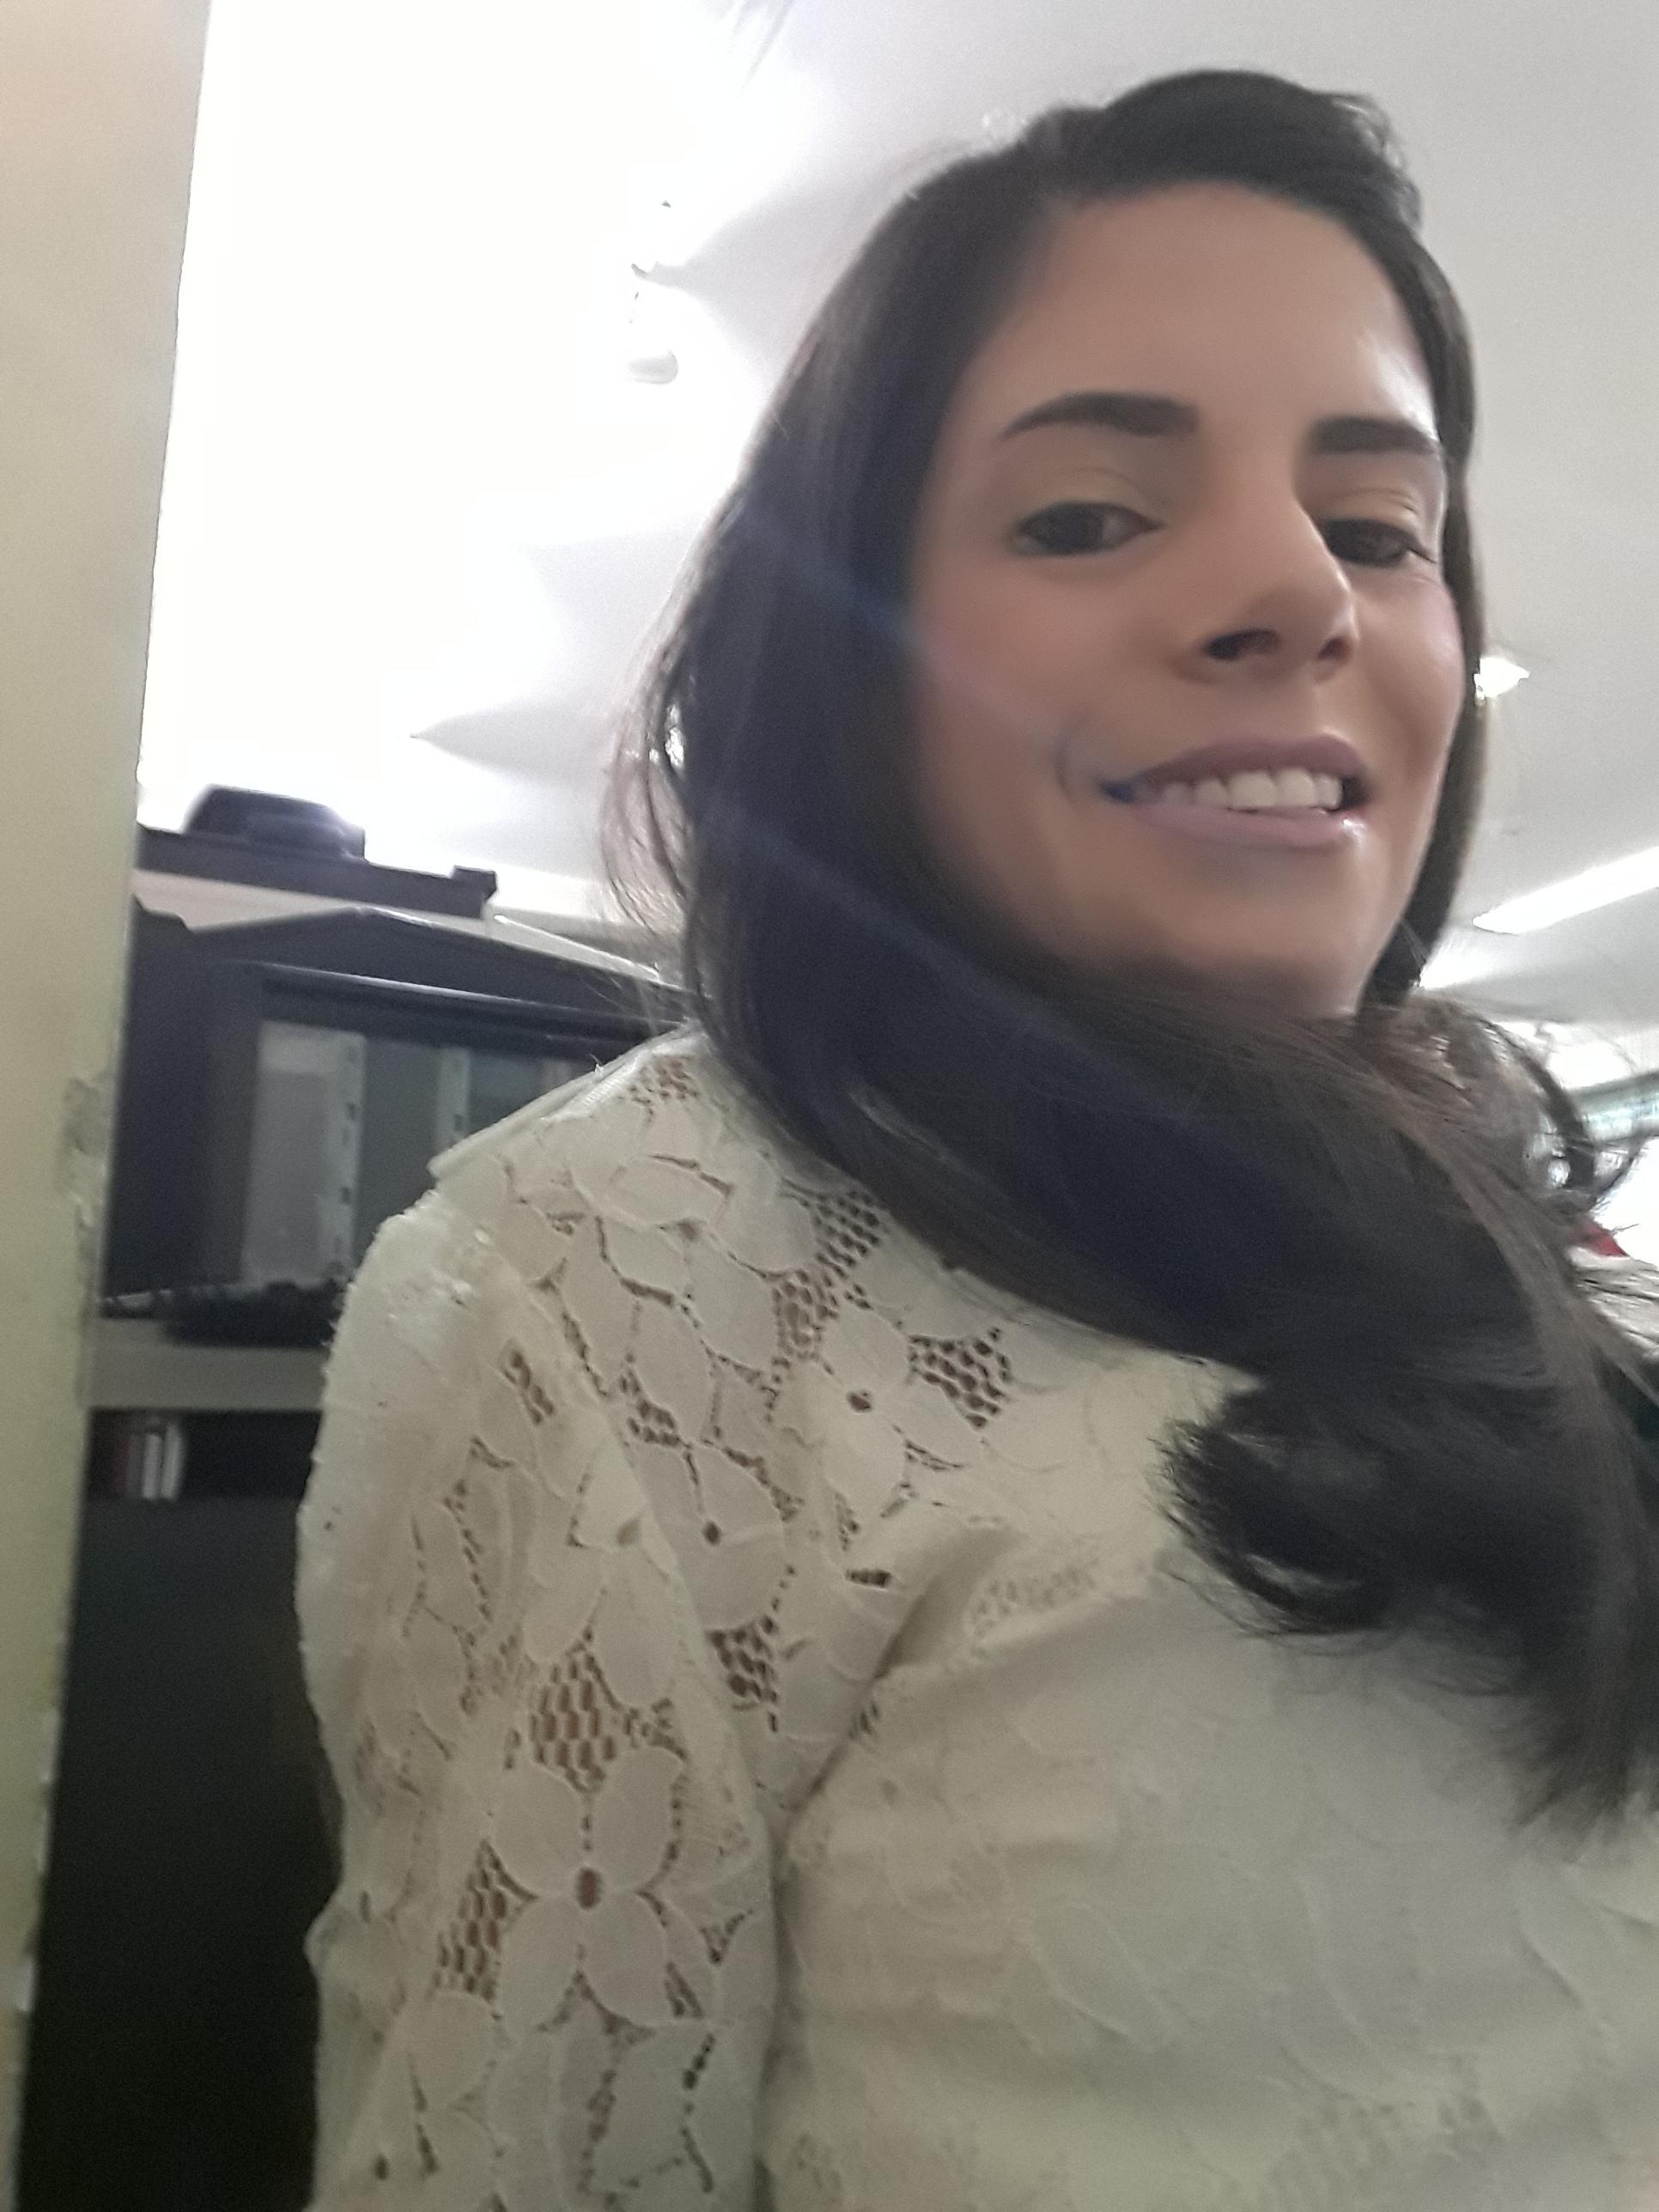 Adoro tirar fotos  cabelo auxiliar administrativo